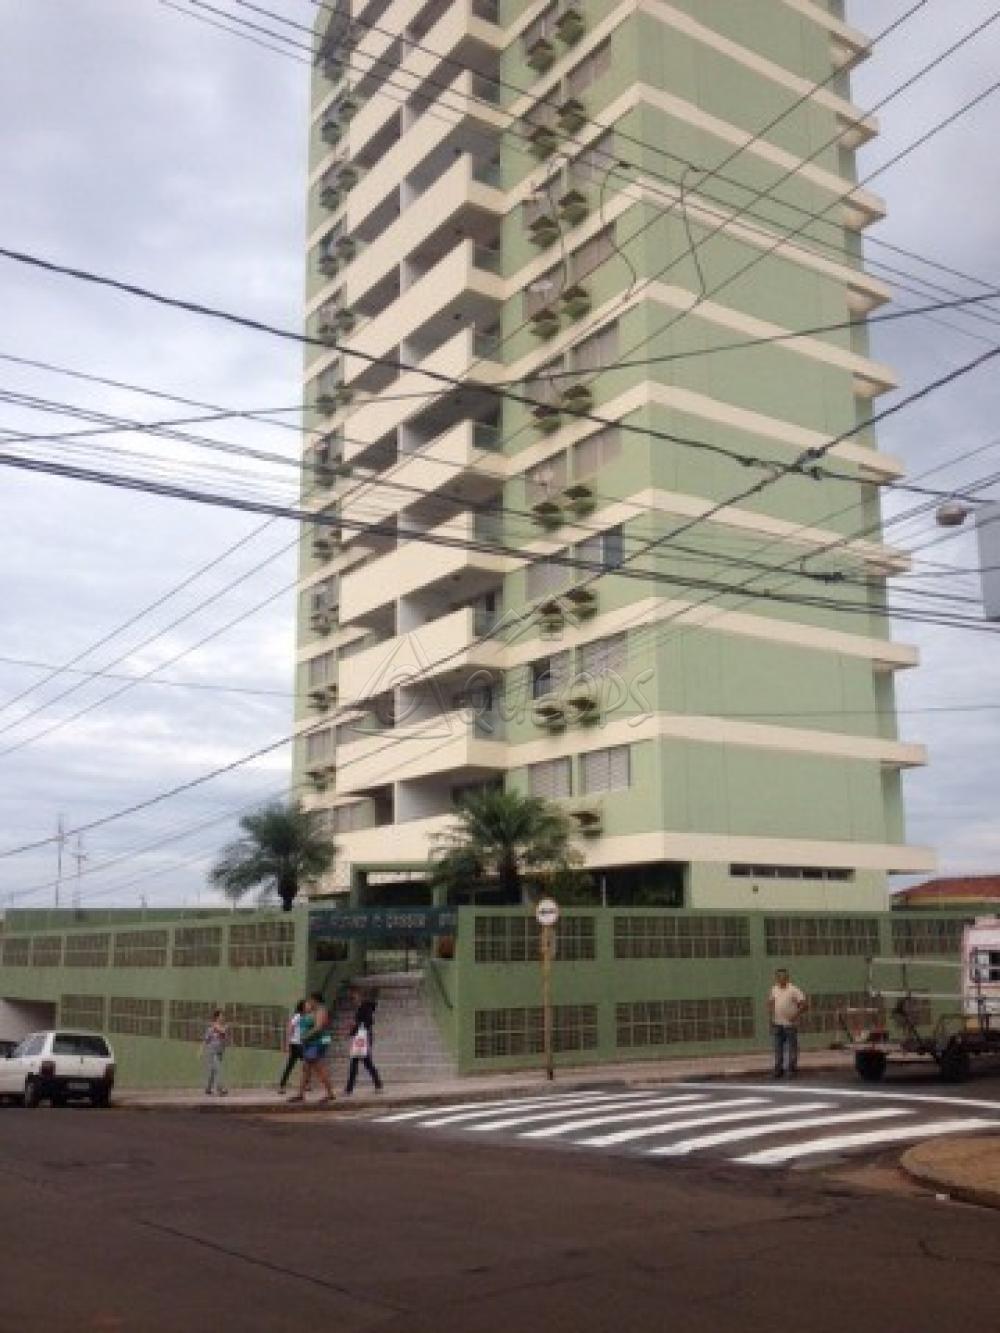 Comprar Apartamento / Padrão em Barretos apenas R$ 350.000,00 - Foto 1